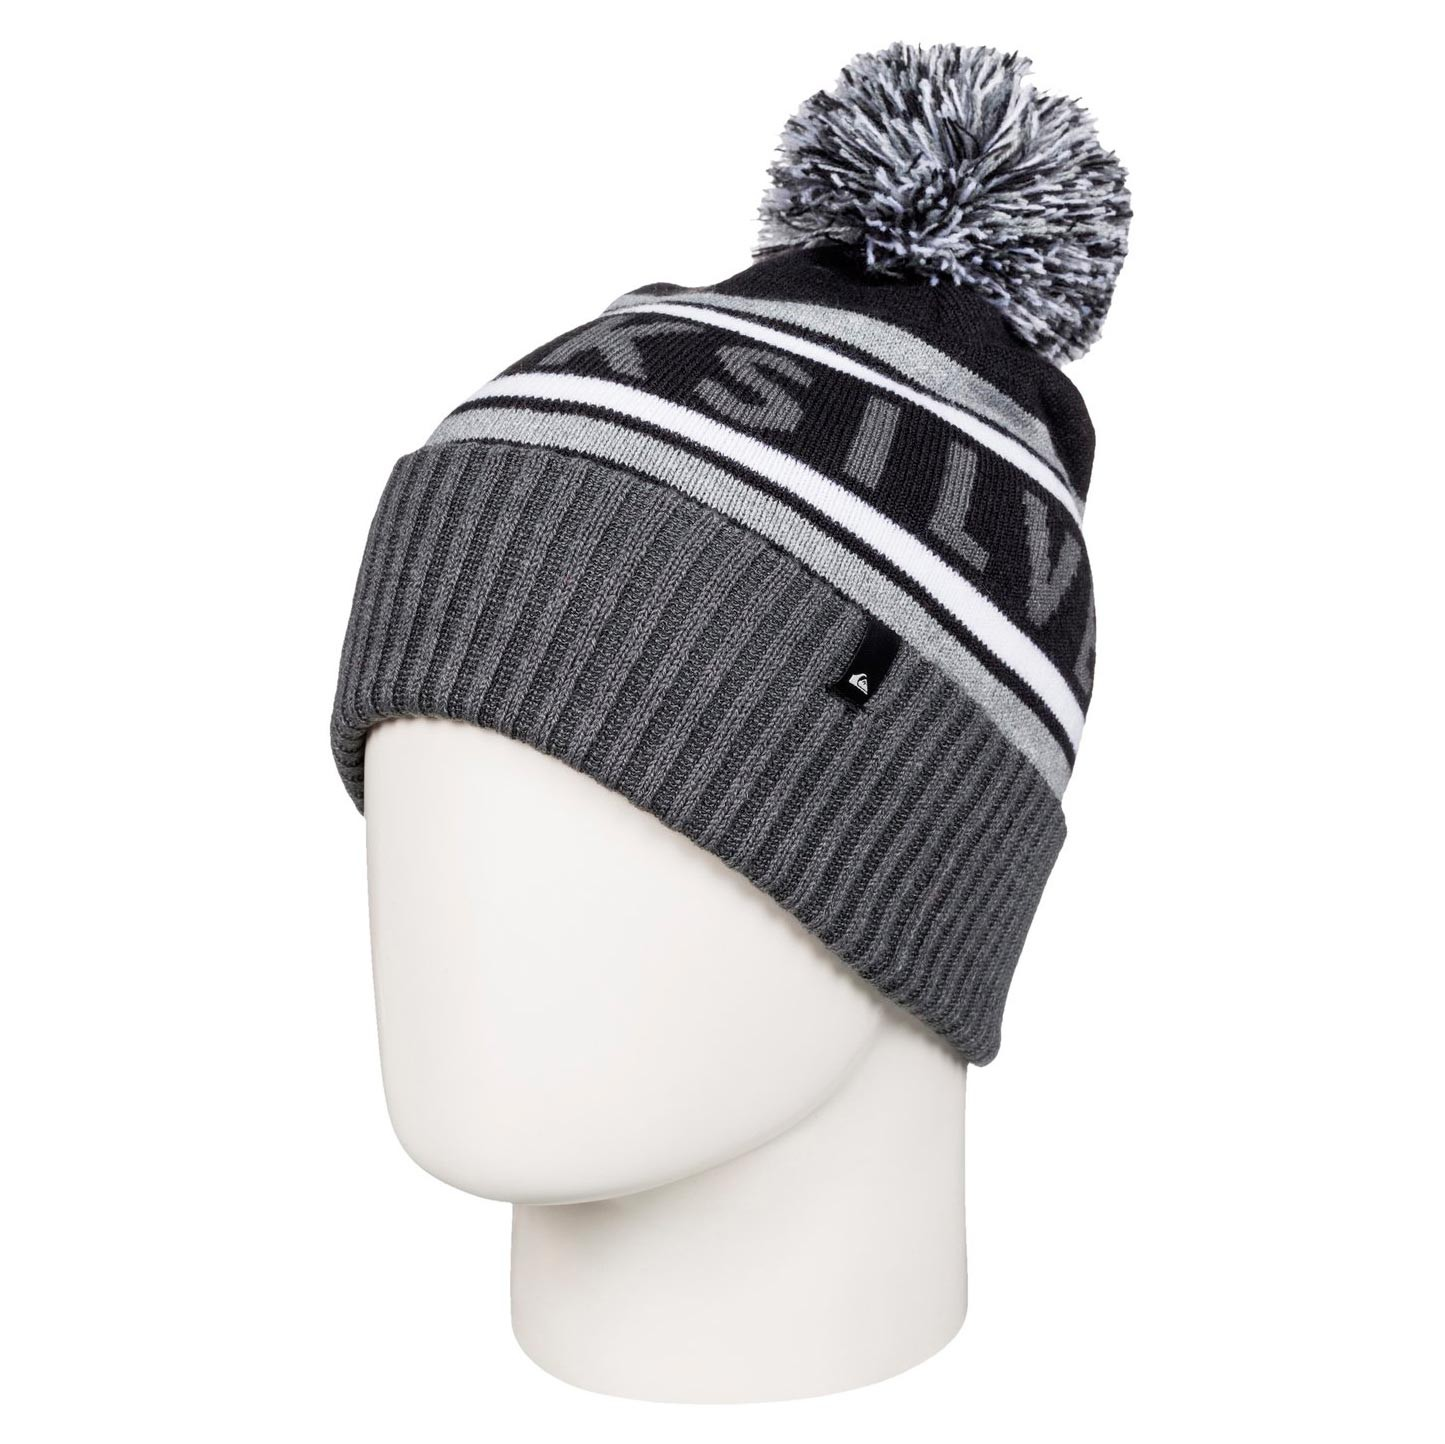 Zimní čepice Quiksilver Spillage black